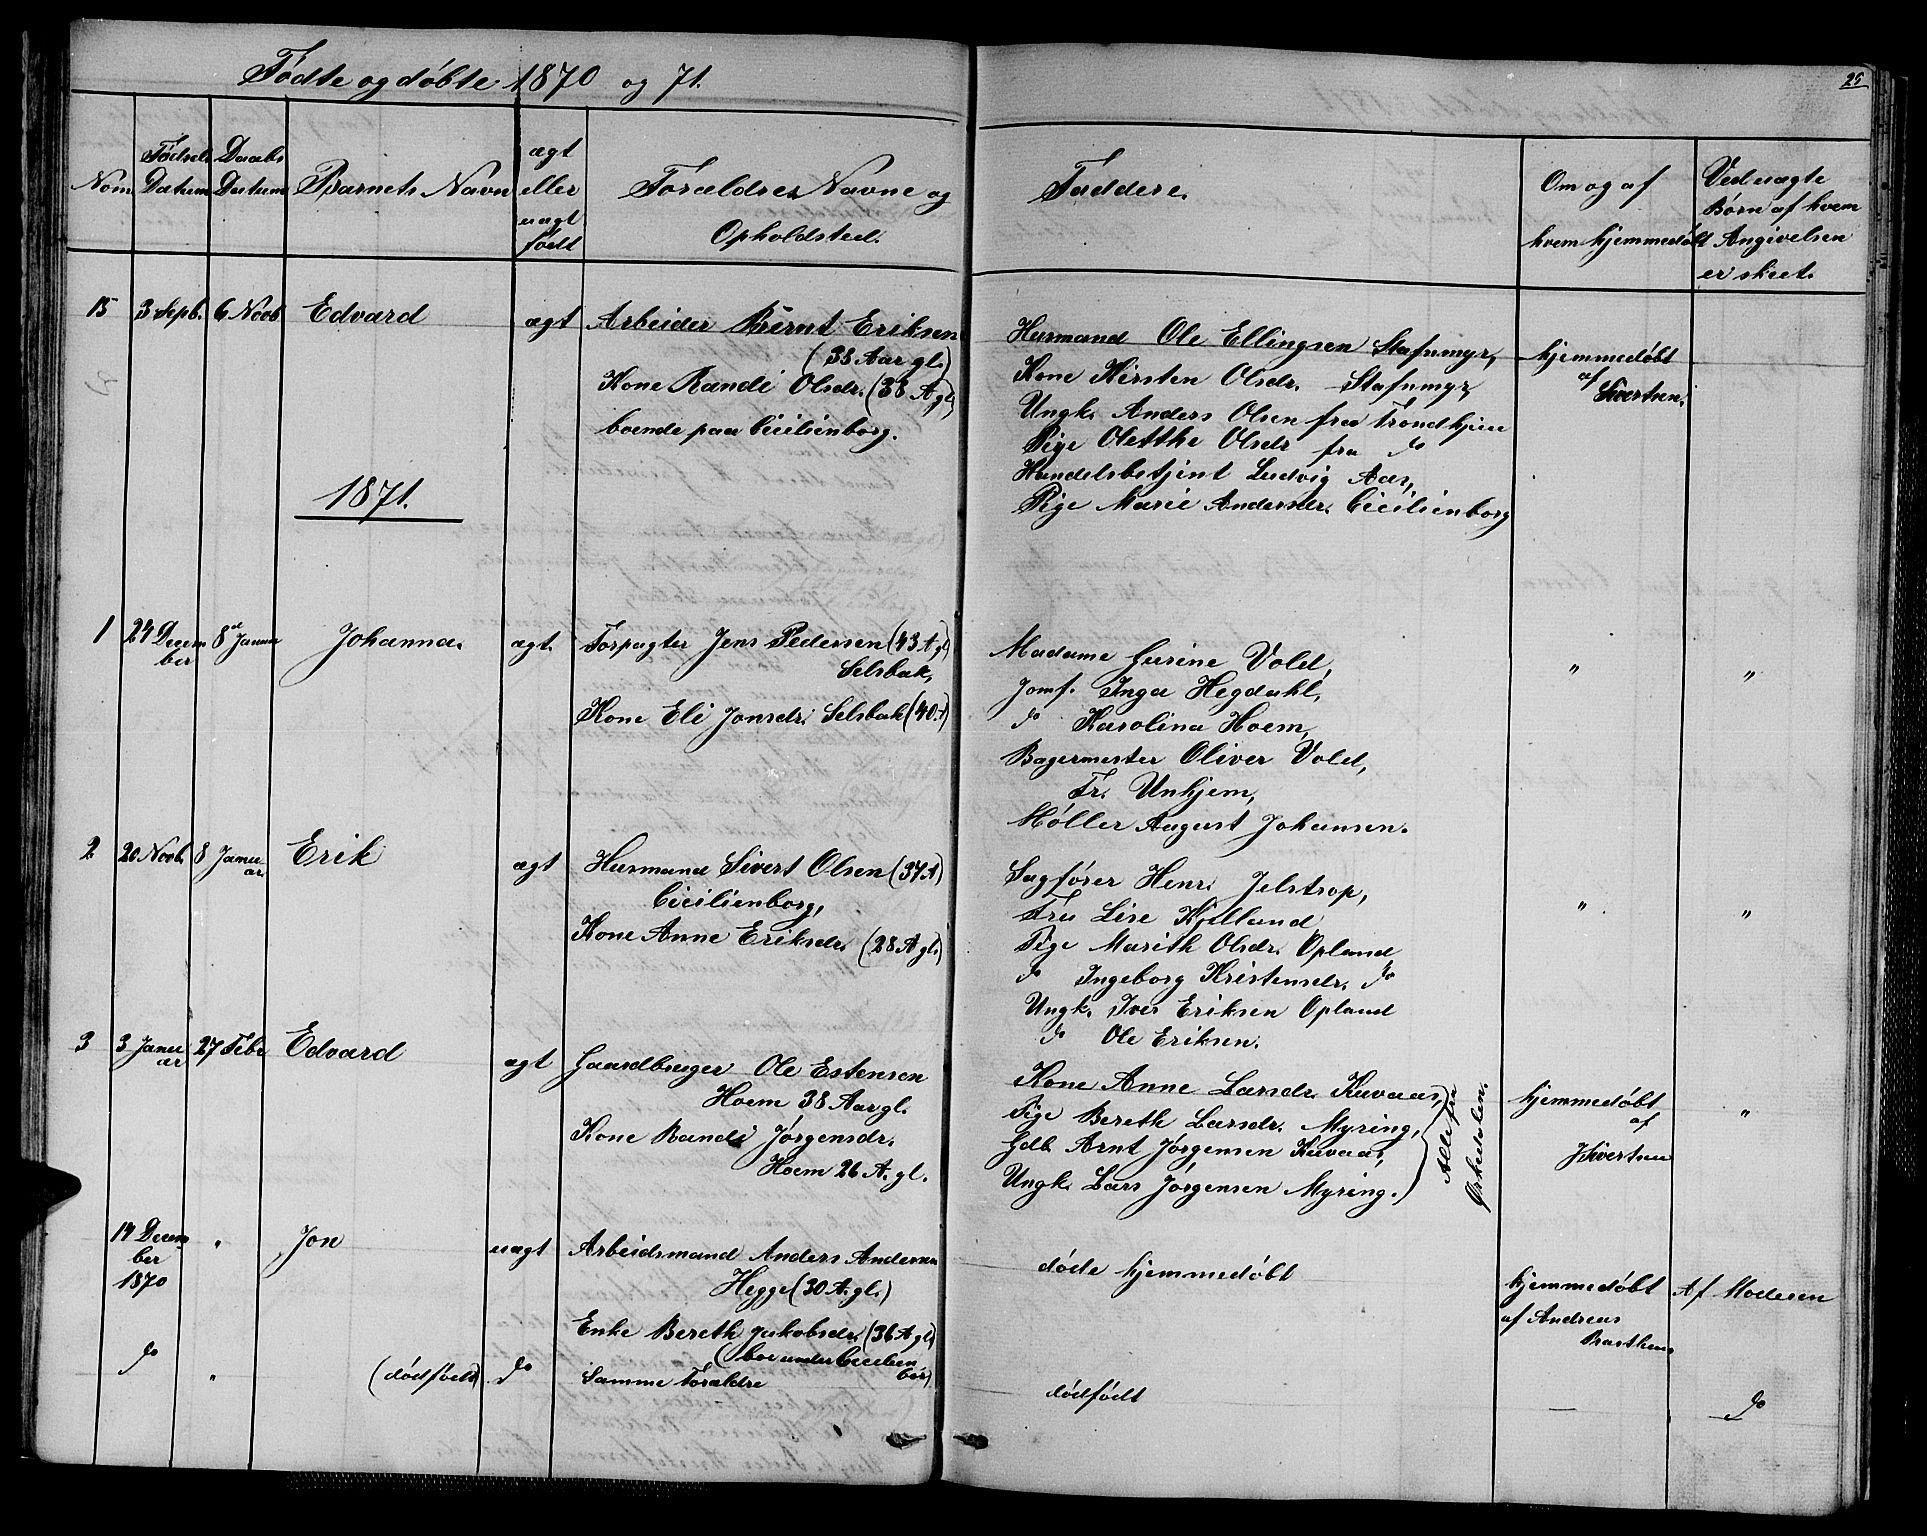 SAT, Ministerialprotokoller, klokkerbøker og fødselsregistre - Sør-Trøndelag, 611/L0353: Klokkerbok nr. 611C01, 1854-1881, s. 25